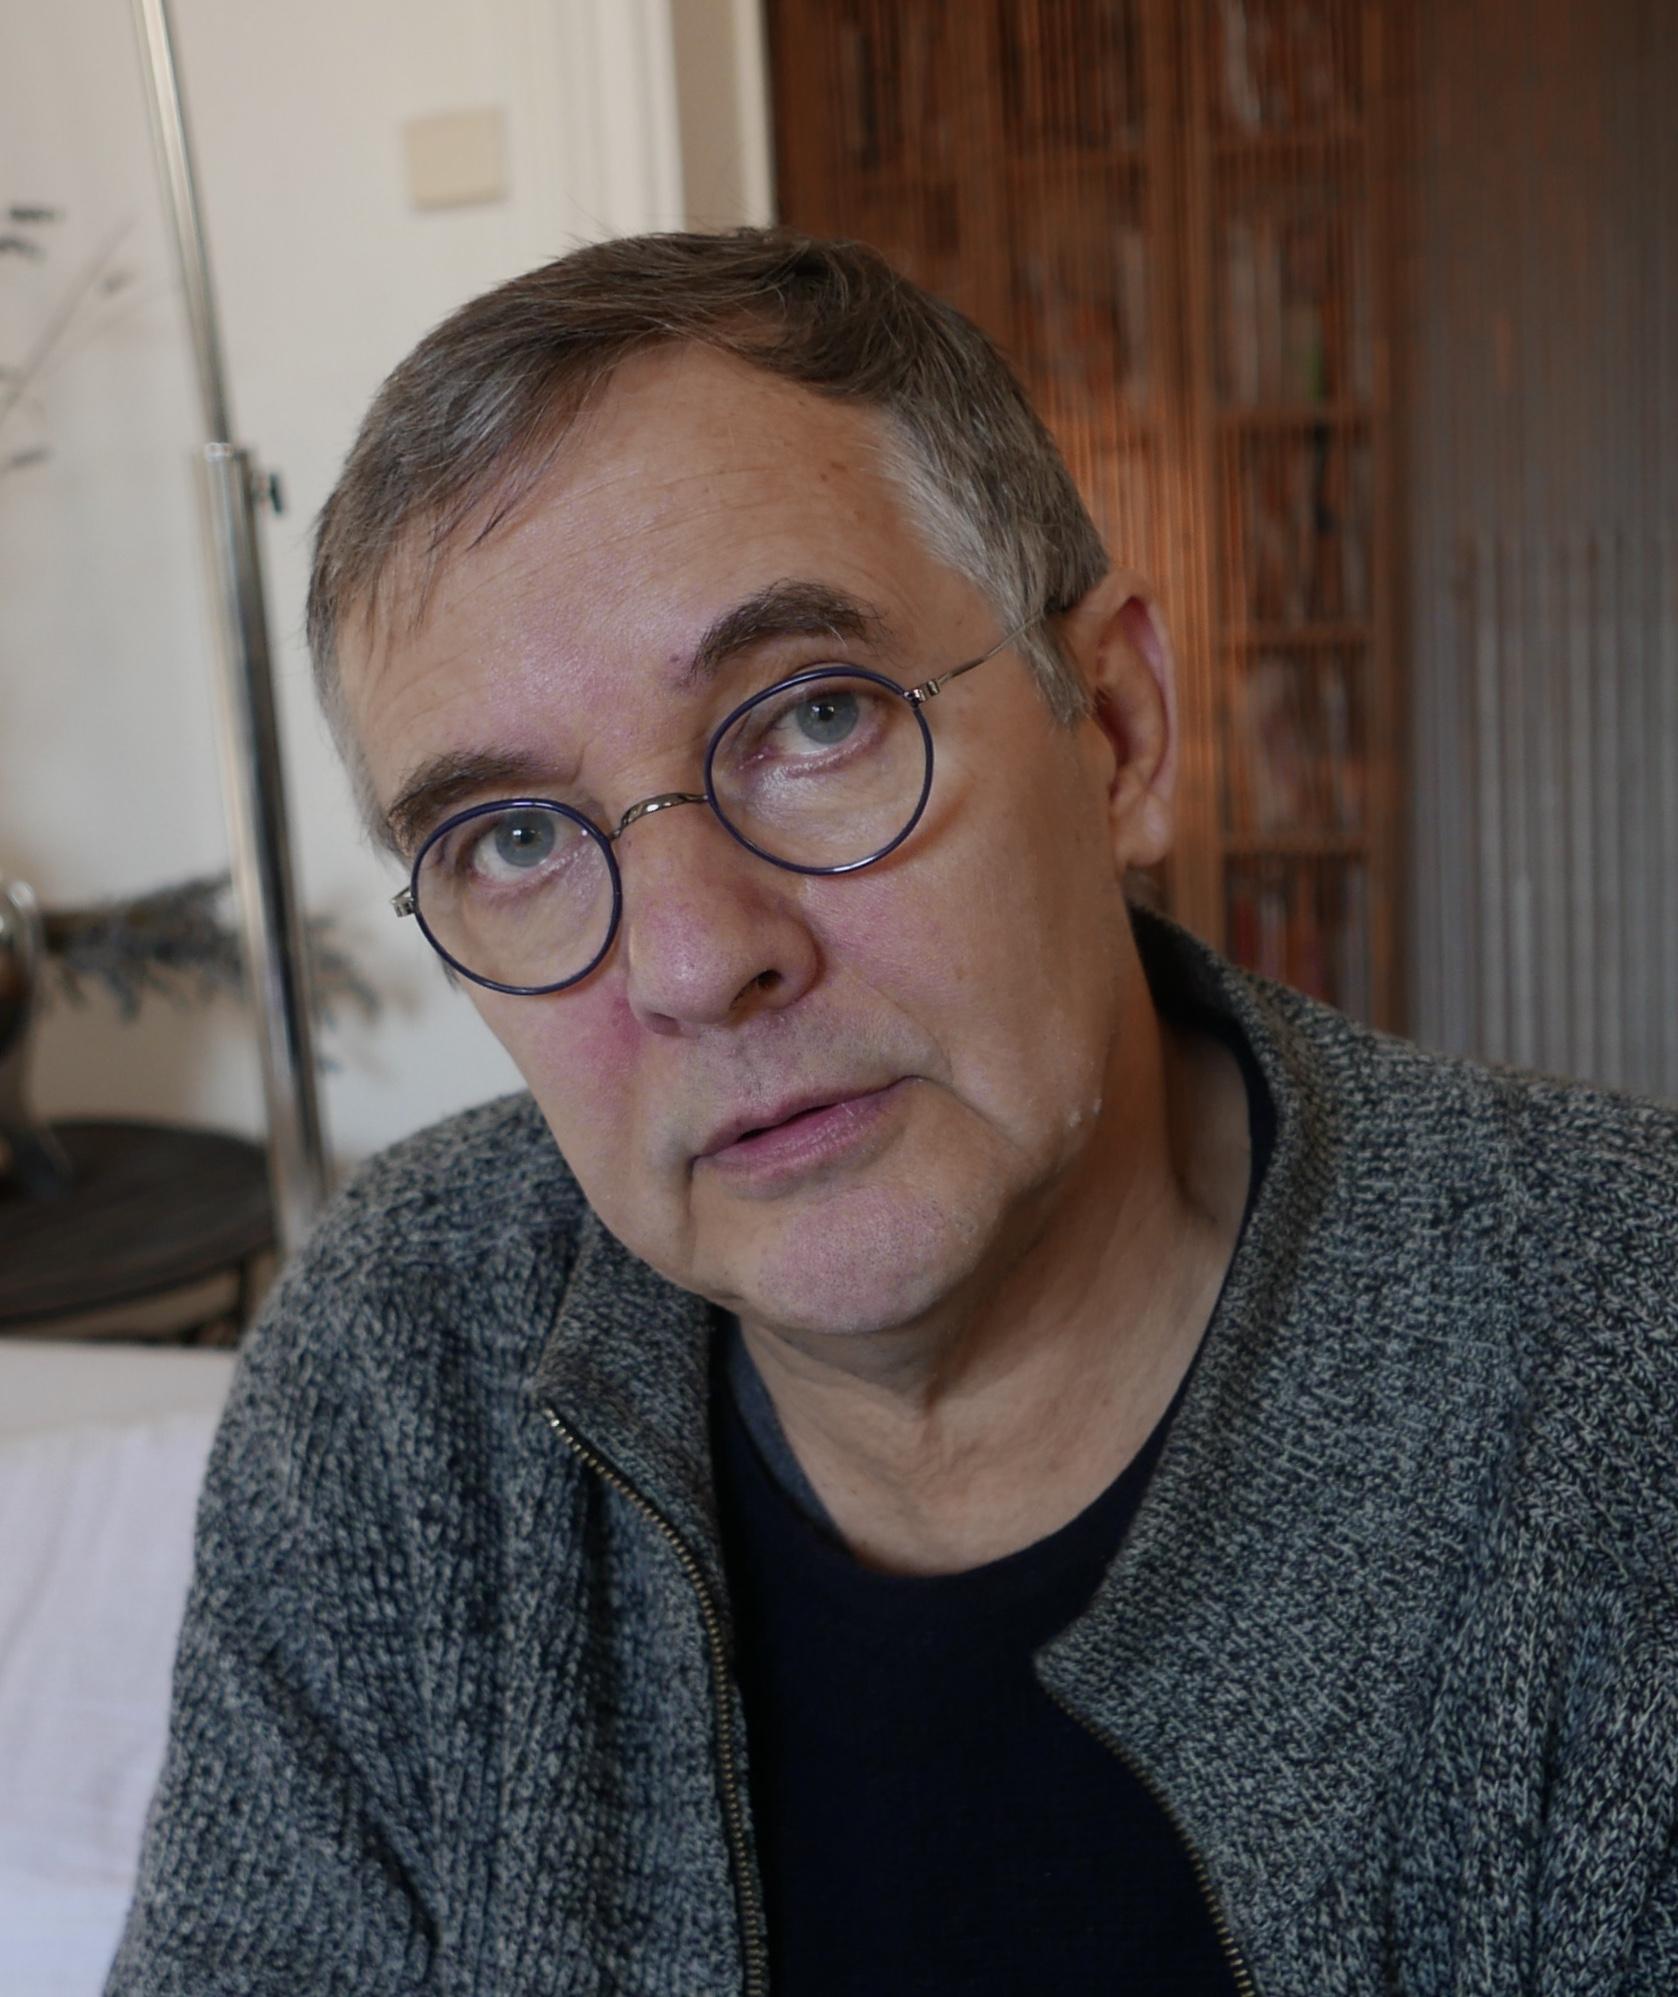 Guy Lecorne